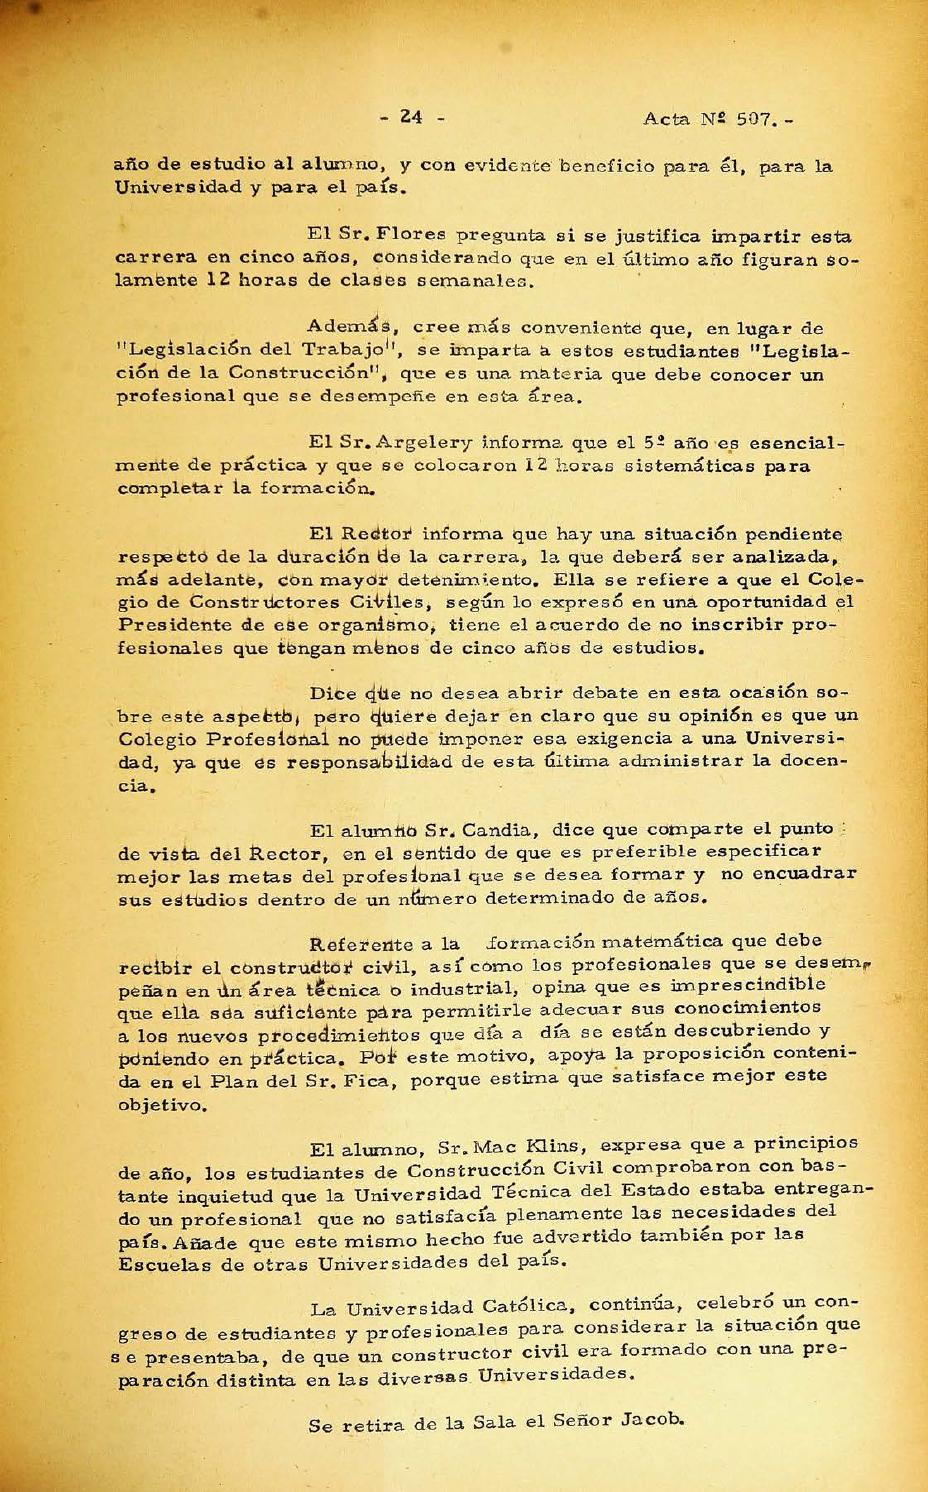 Actas h consejo universitario 502 512 opt - parte 1 by Archivo ...